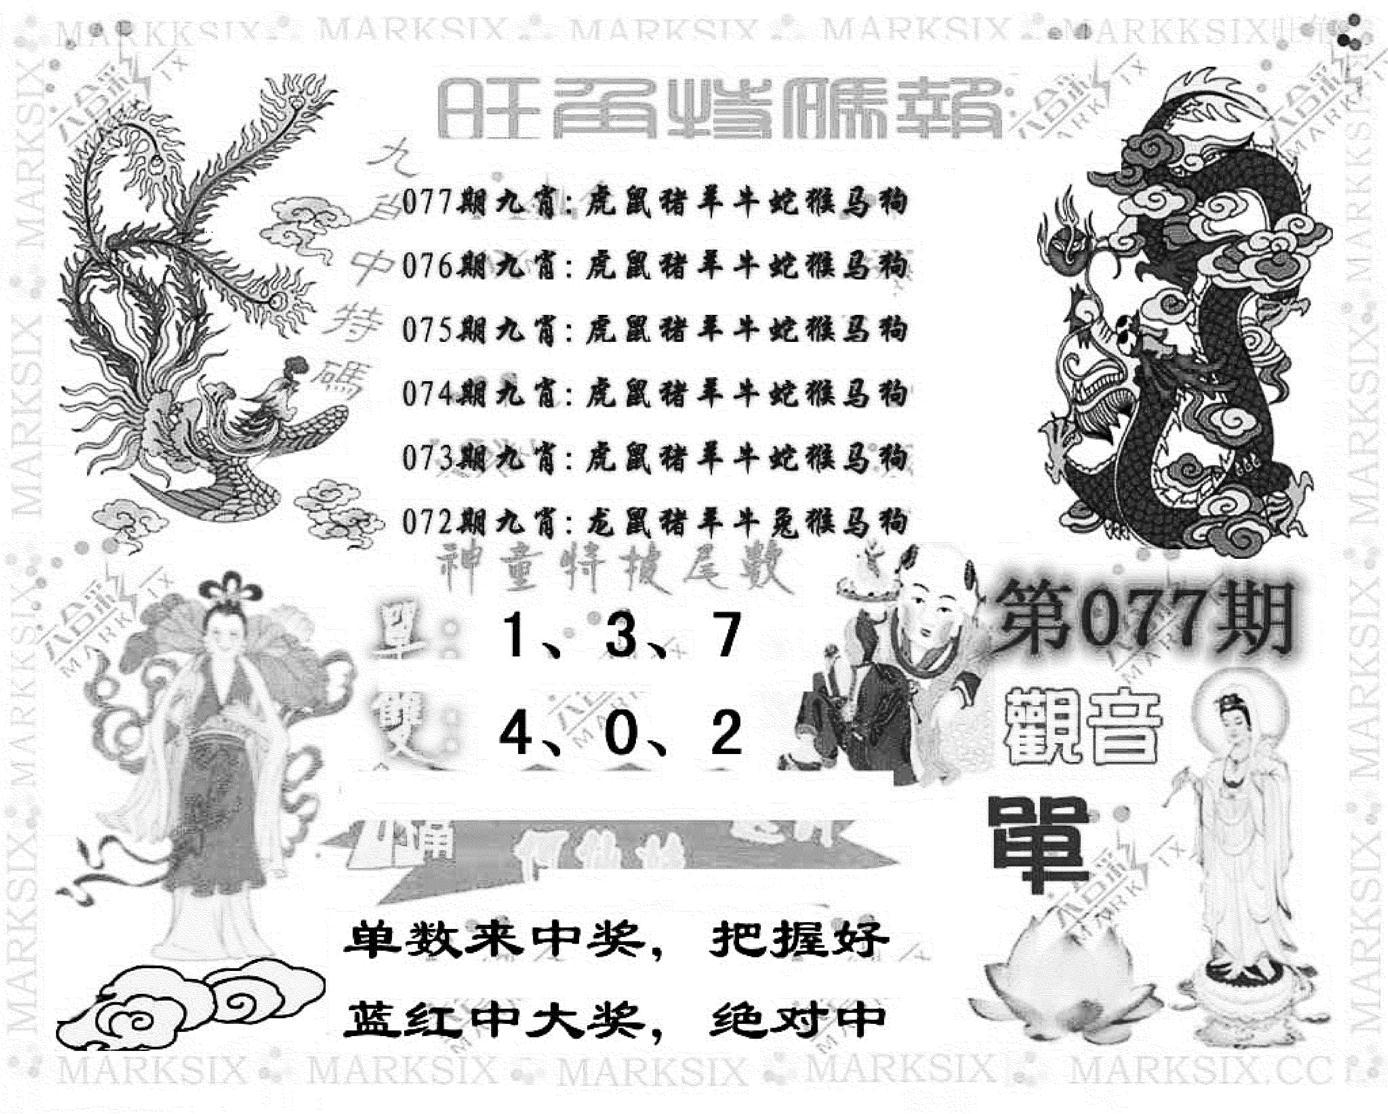 077期旺角特码报(彩)(黑白)